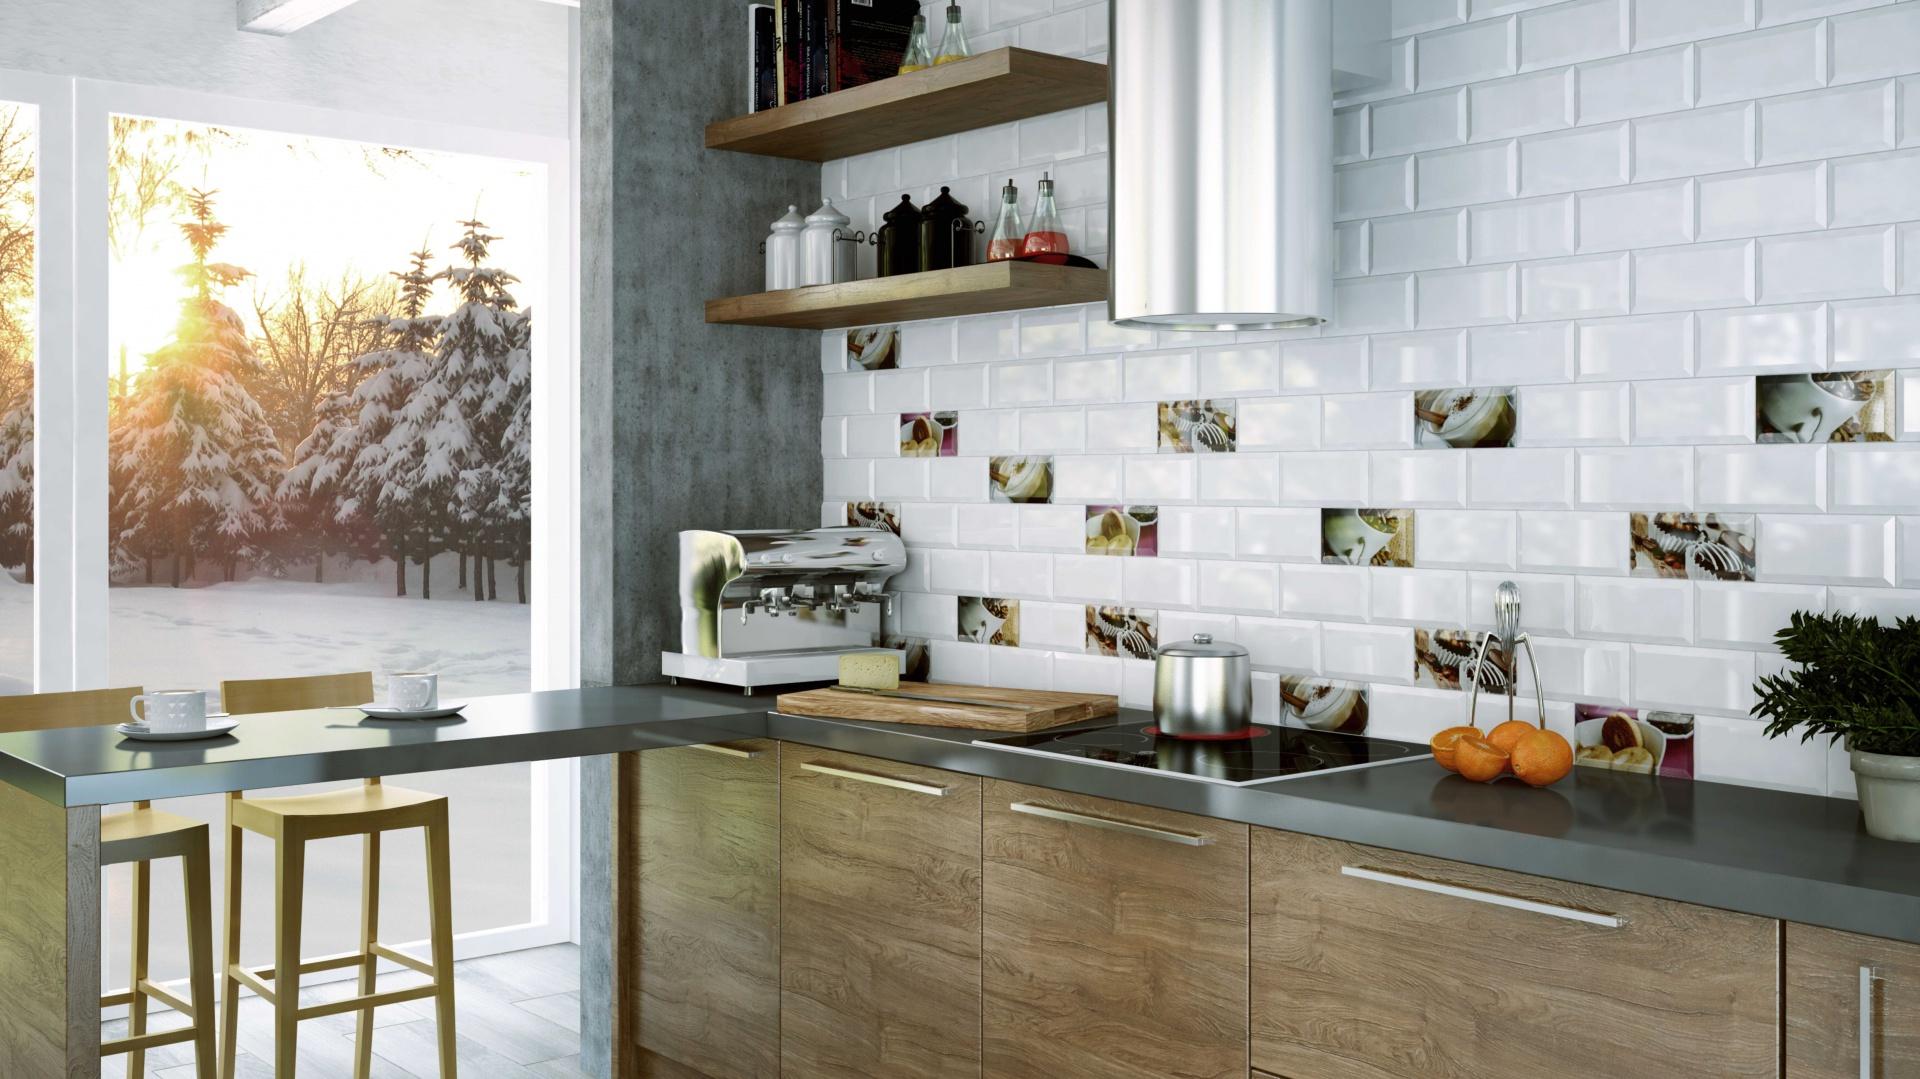 Ścianę nad blatem wykończono płytkami ceramicznymi w stylu tradycyjnych białych kafli. Biel przełamano kolorowymi akcentami w postaci szklanych insertów z motywem smakowitych deserów. Fot. Ceramika Paradyż, kolekcja Tamoe.